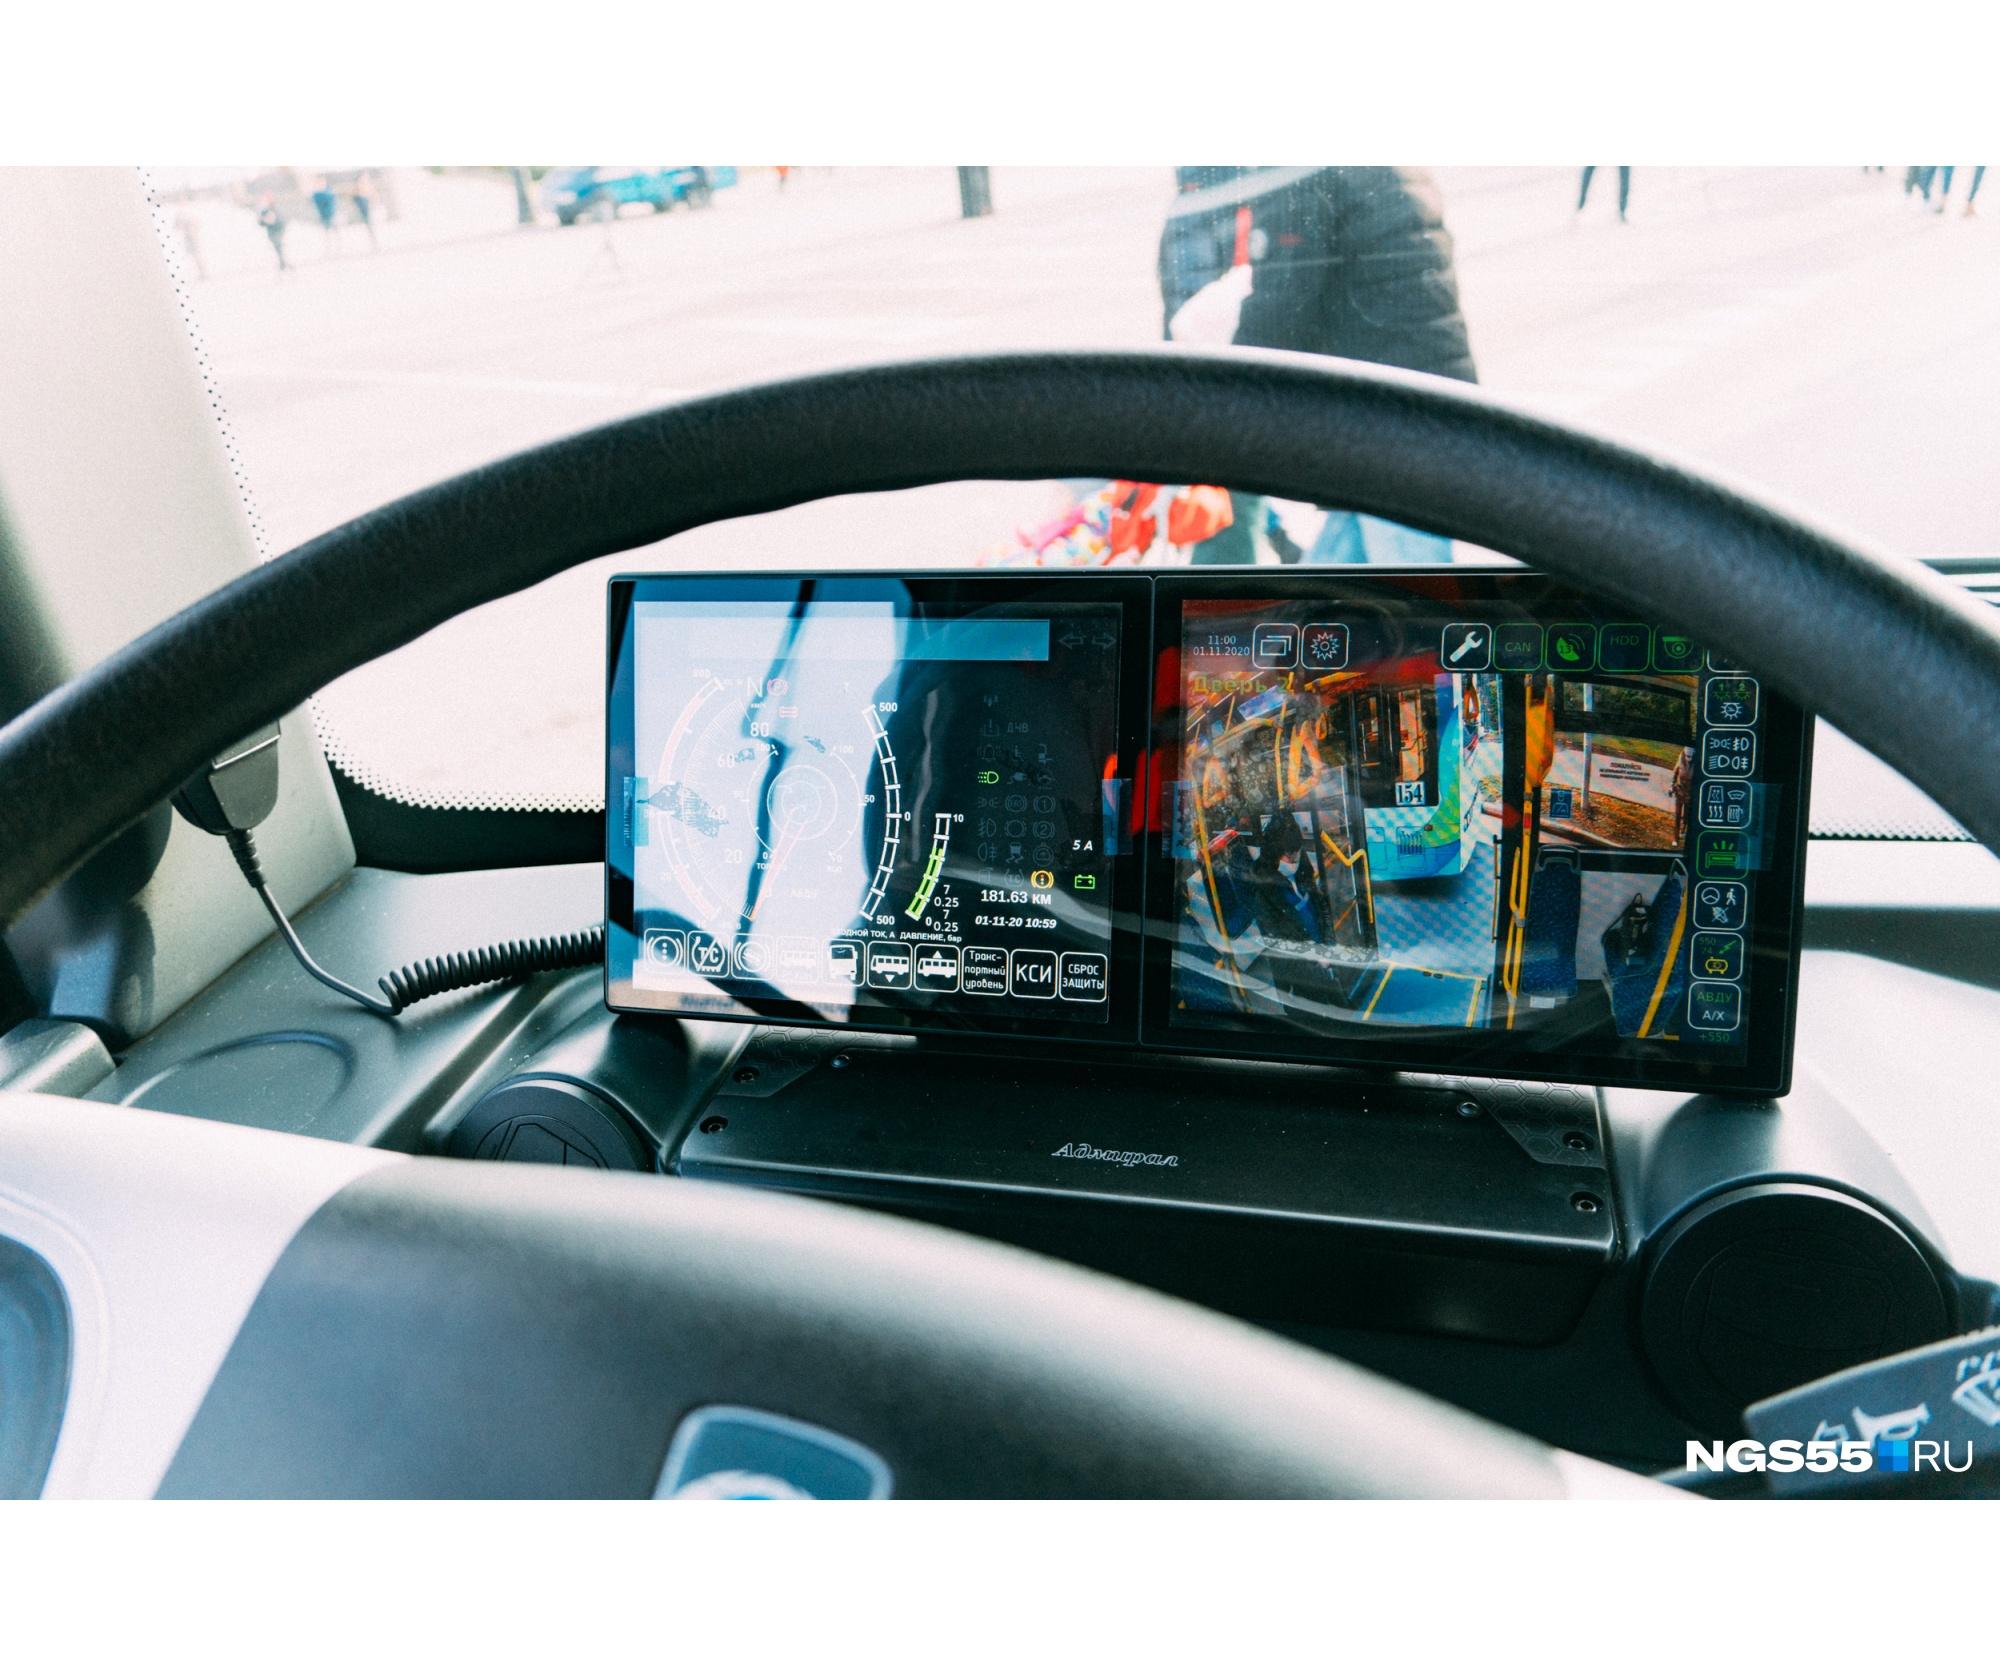 Перед рулем маленькая омичка могла увидеть экраны. Троллейбусы оснащены системами фиксации и оповещения водителя, наружной системой видеоконтроля посадки и высадки пассажиров<br>